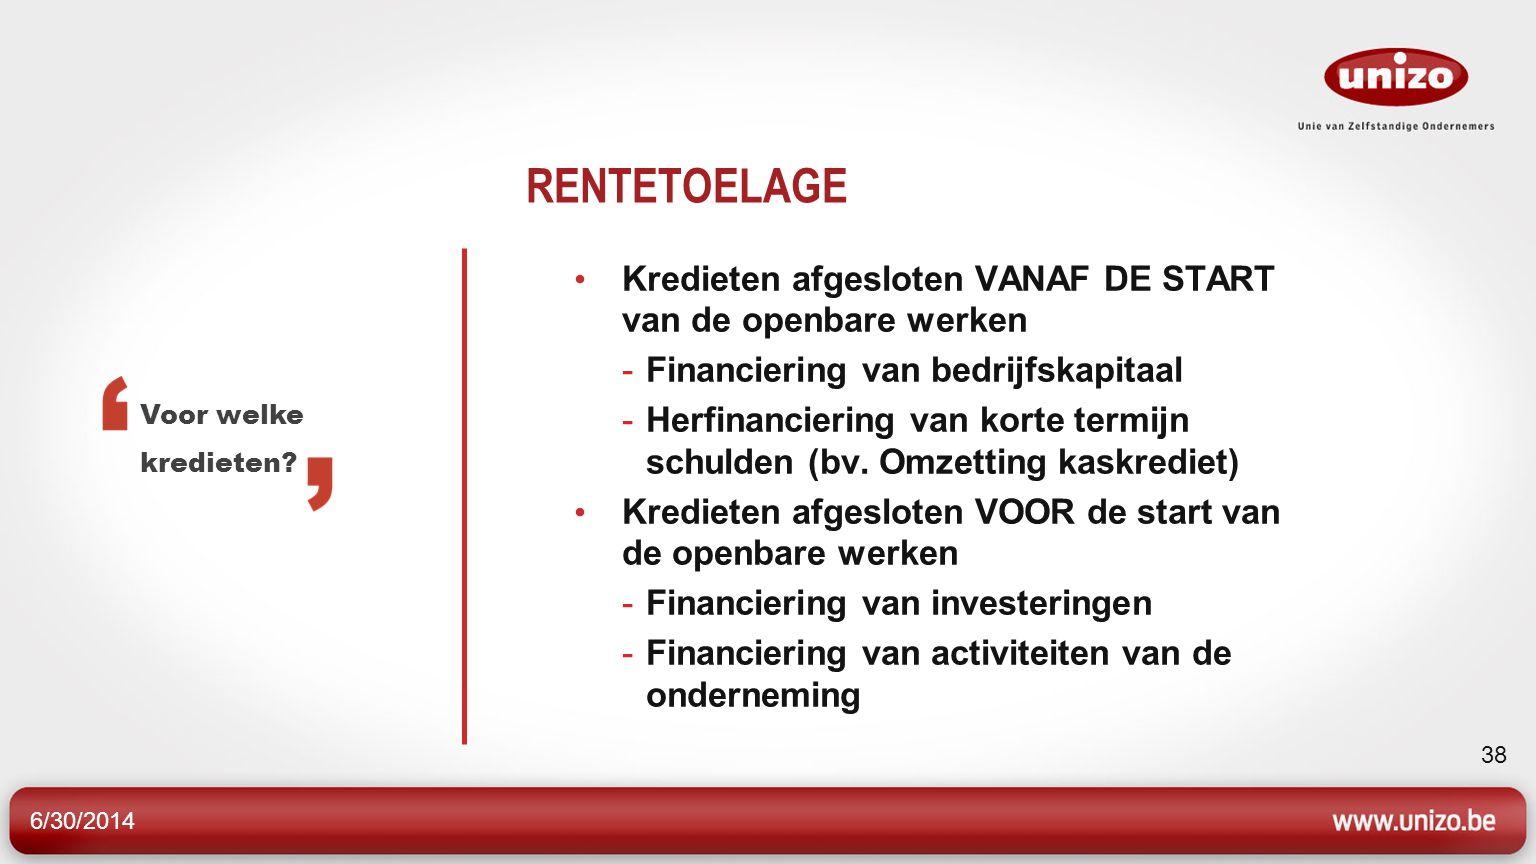 6/30/2014 38 RENTETOELAGE • Kredieten afgesloten VANAF DE START van de openbare werken -Financiering van bedrijfskapitaal -Herfinanciering van korte termijn schulden (bv.